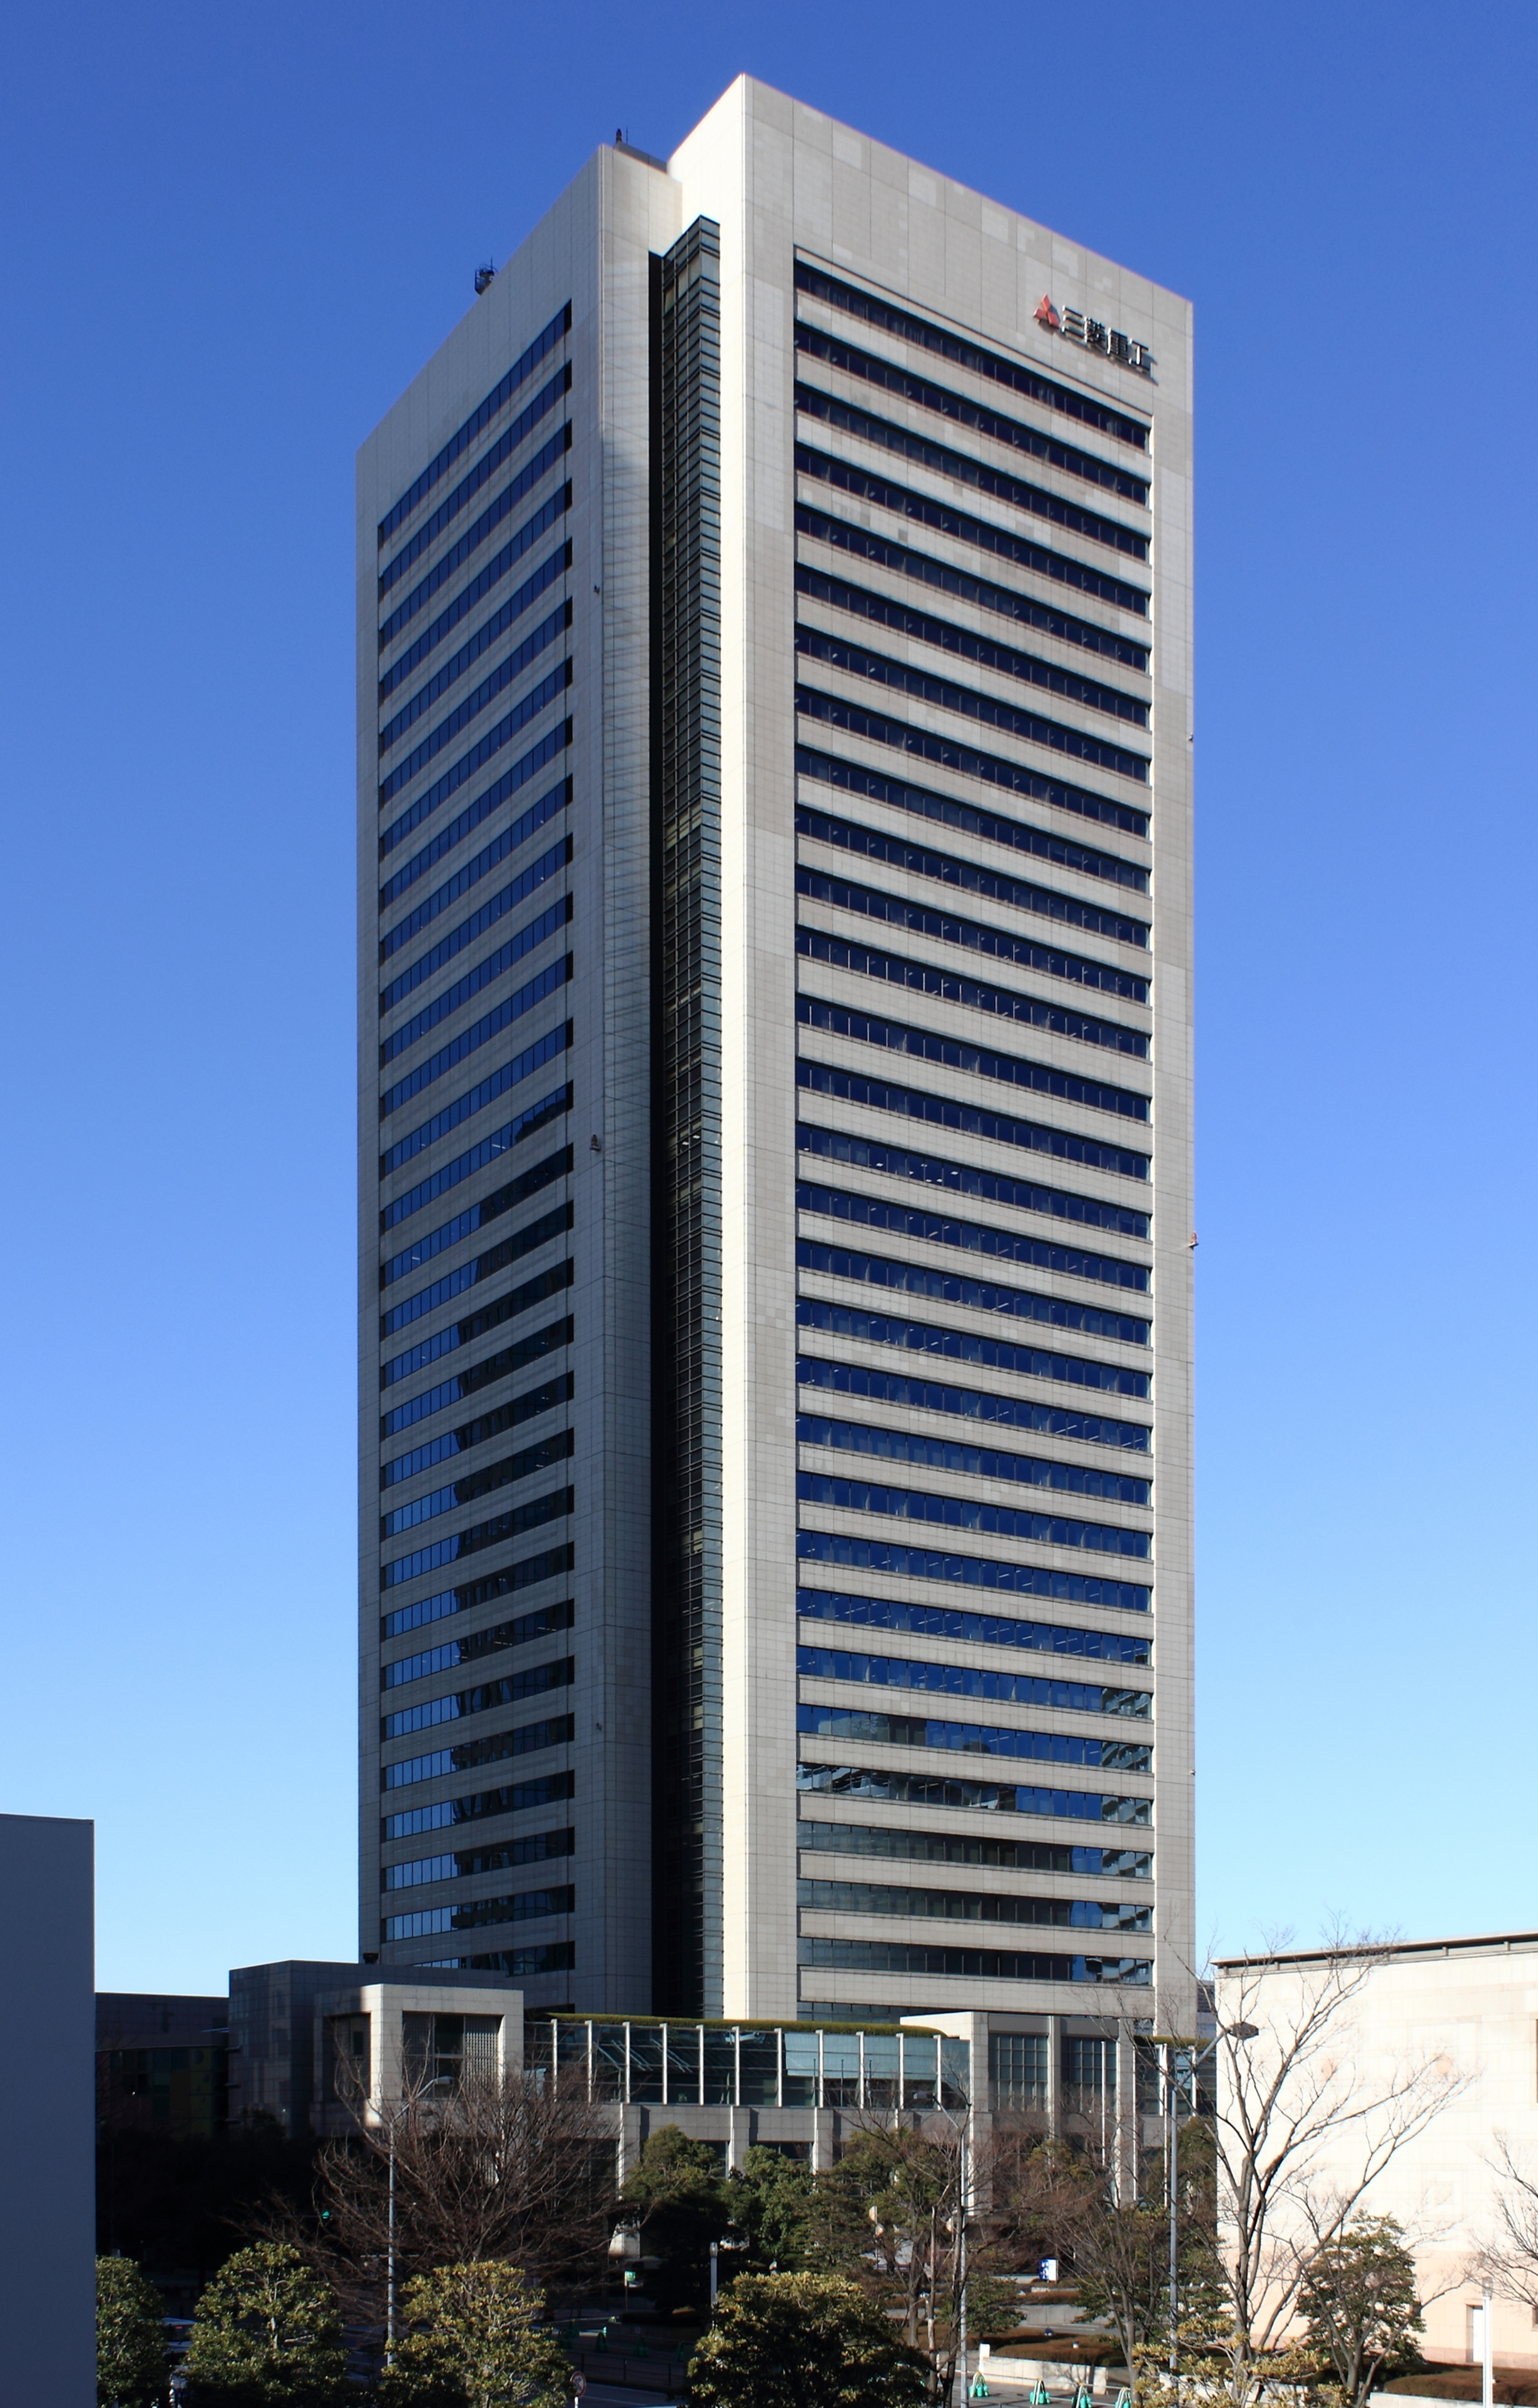 三菱重工横浜ビル - Wikipedia